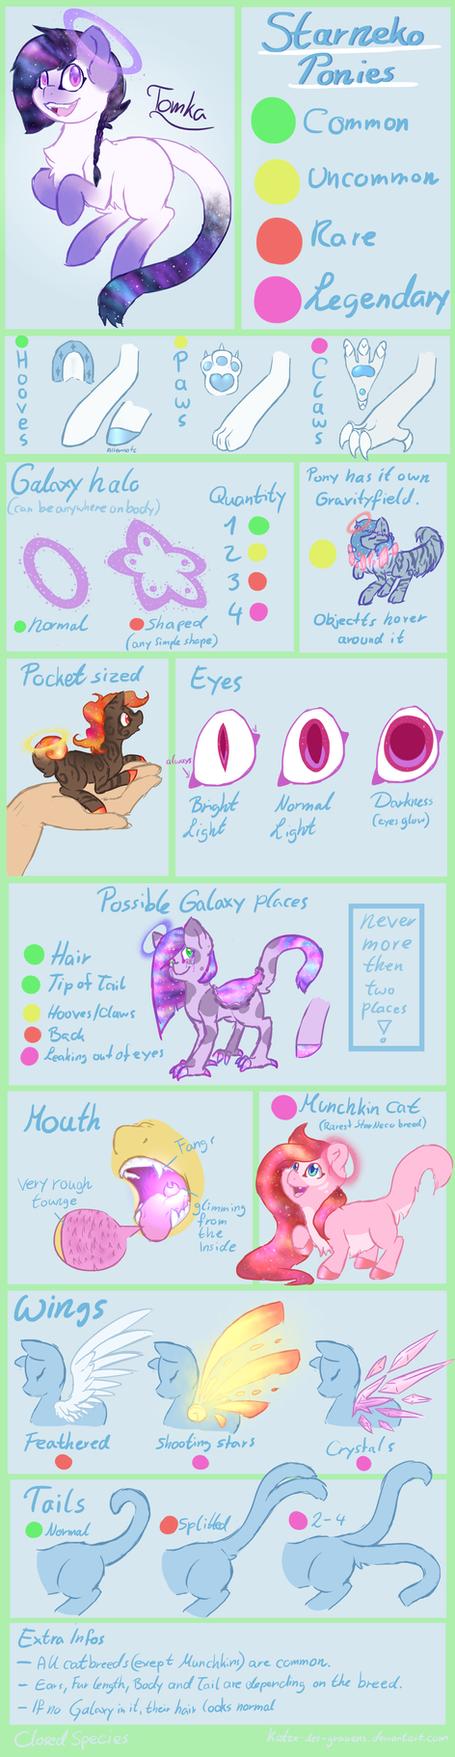 StarNeco Ponies -Species guide- by katze-des-grauens